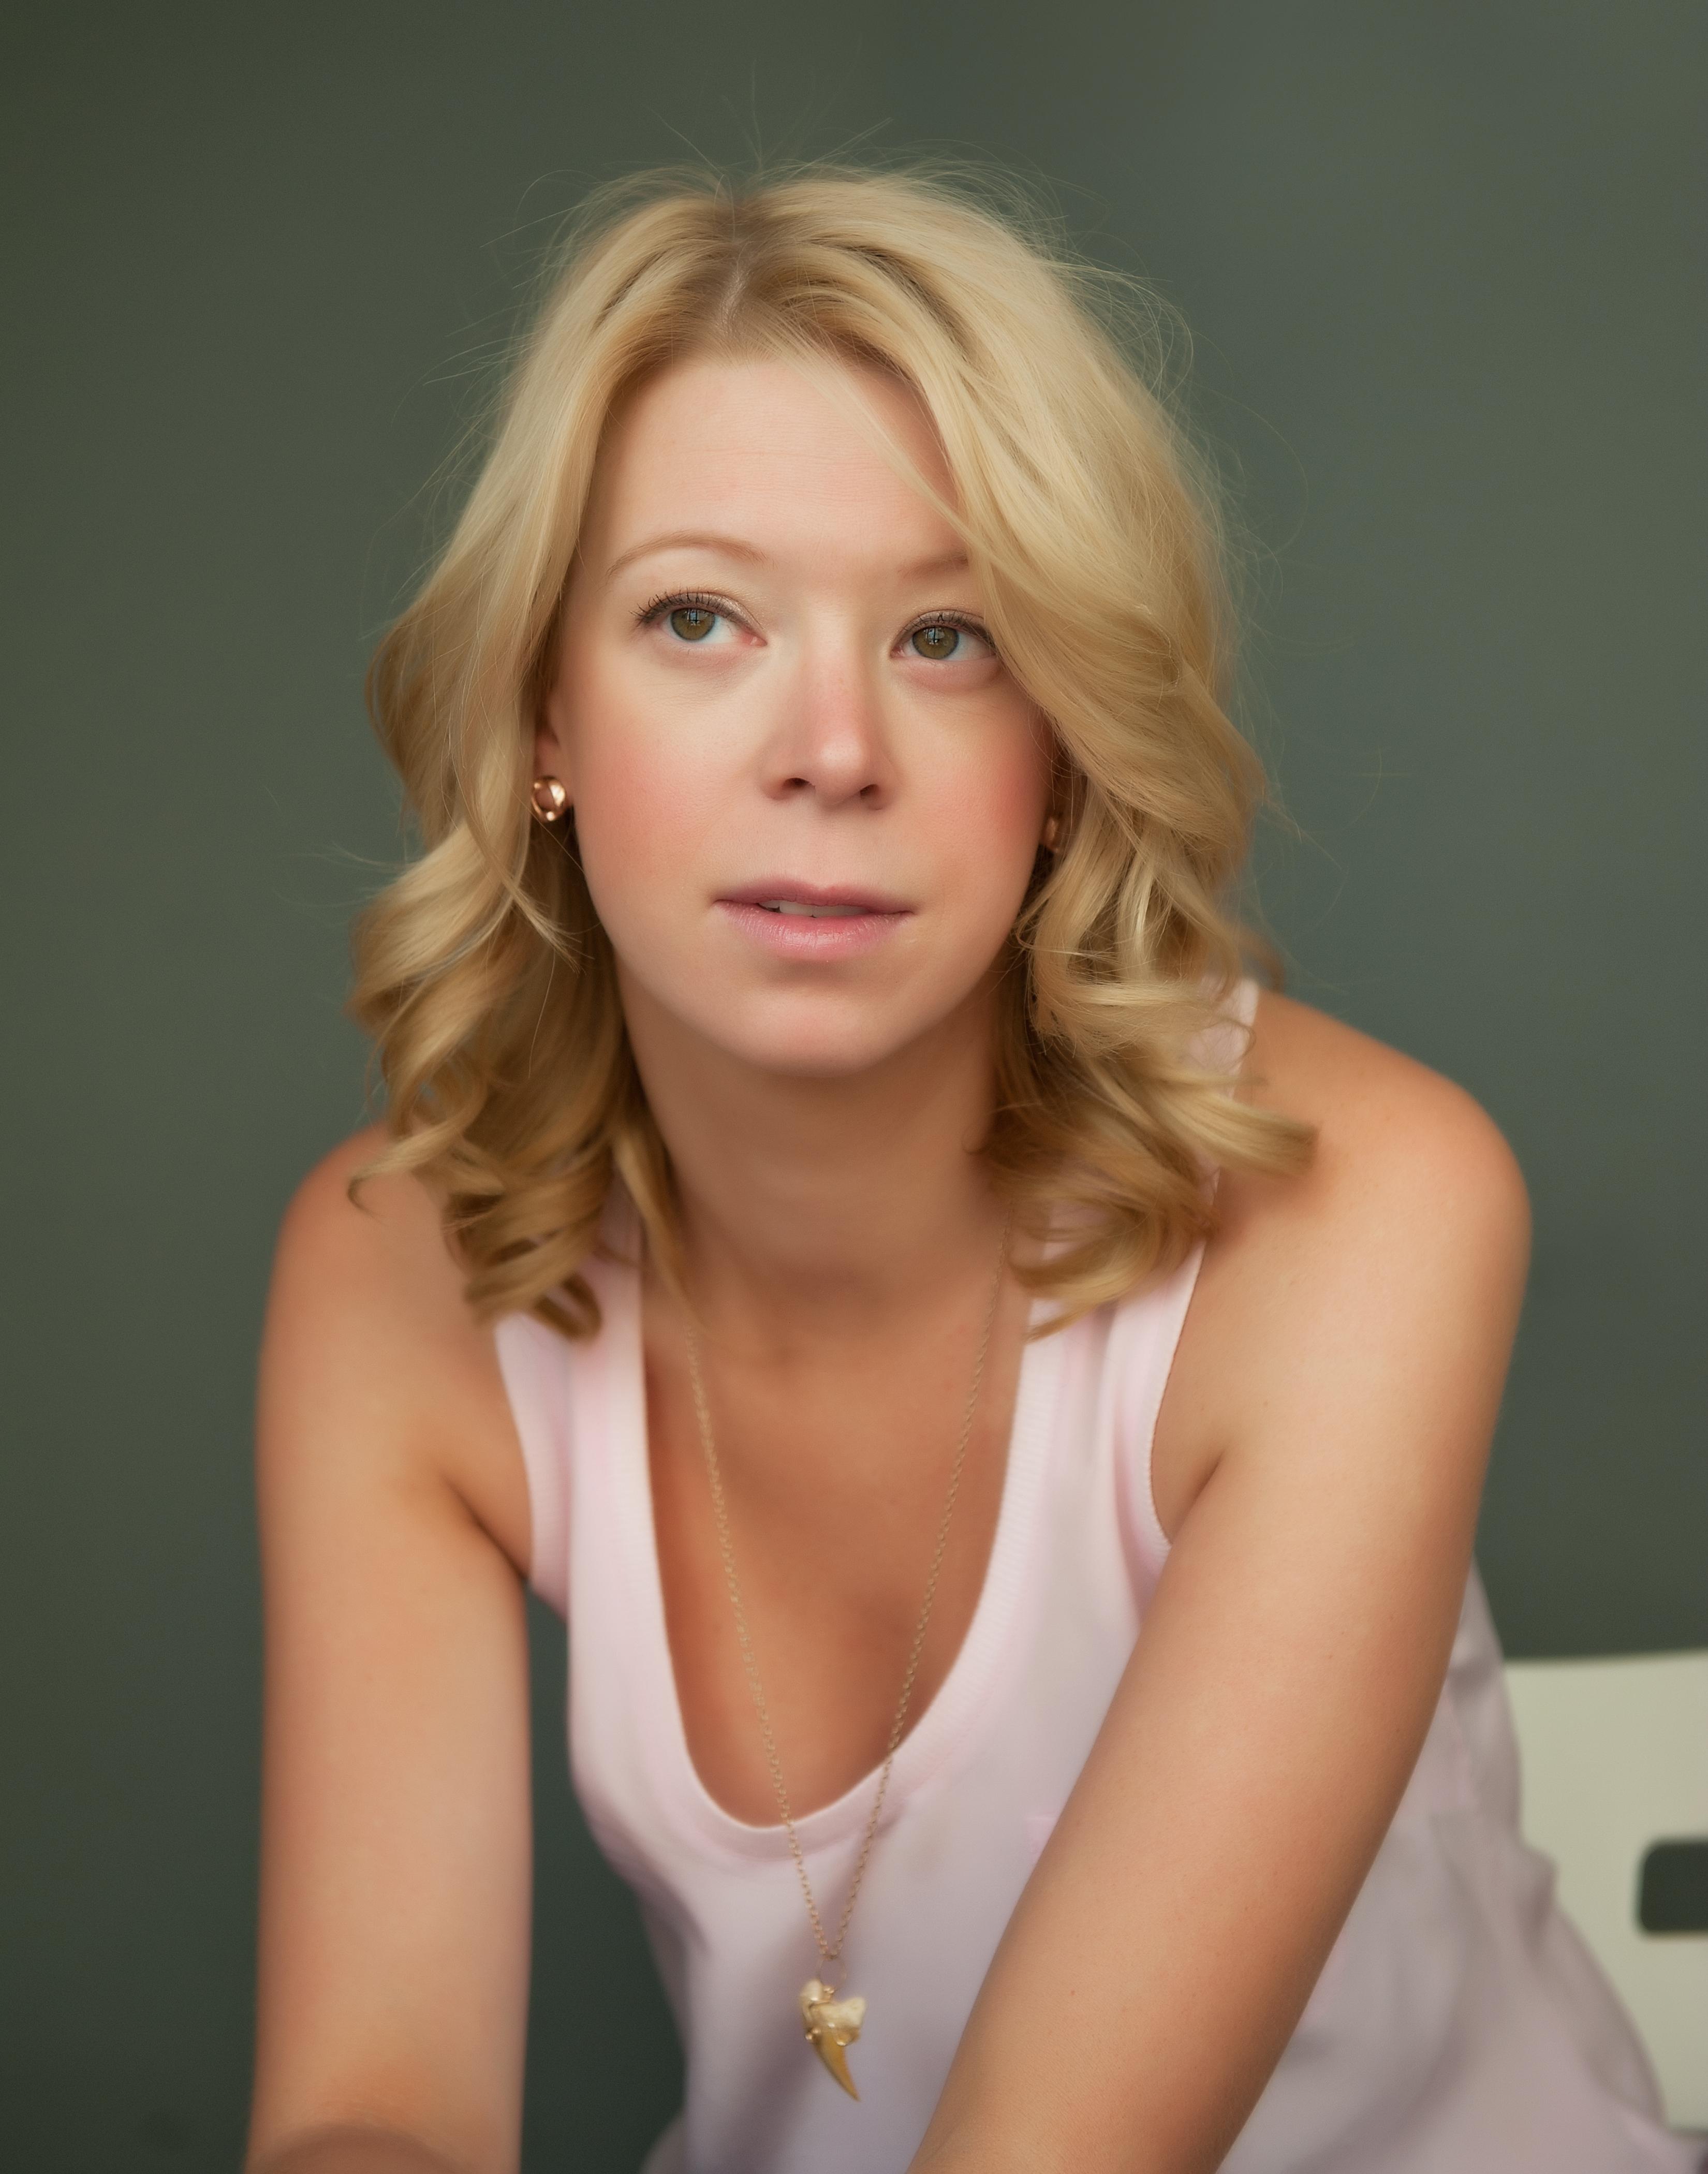 Adrianne Haslet Davis